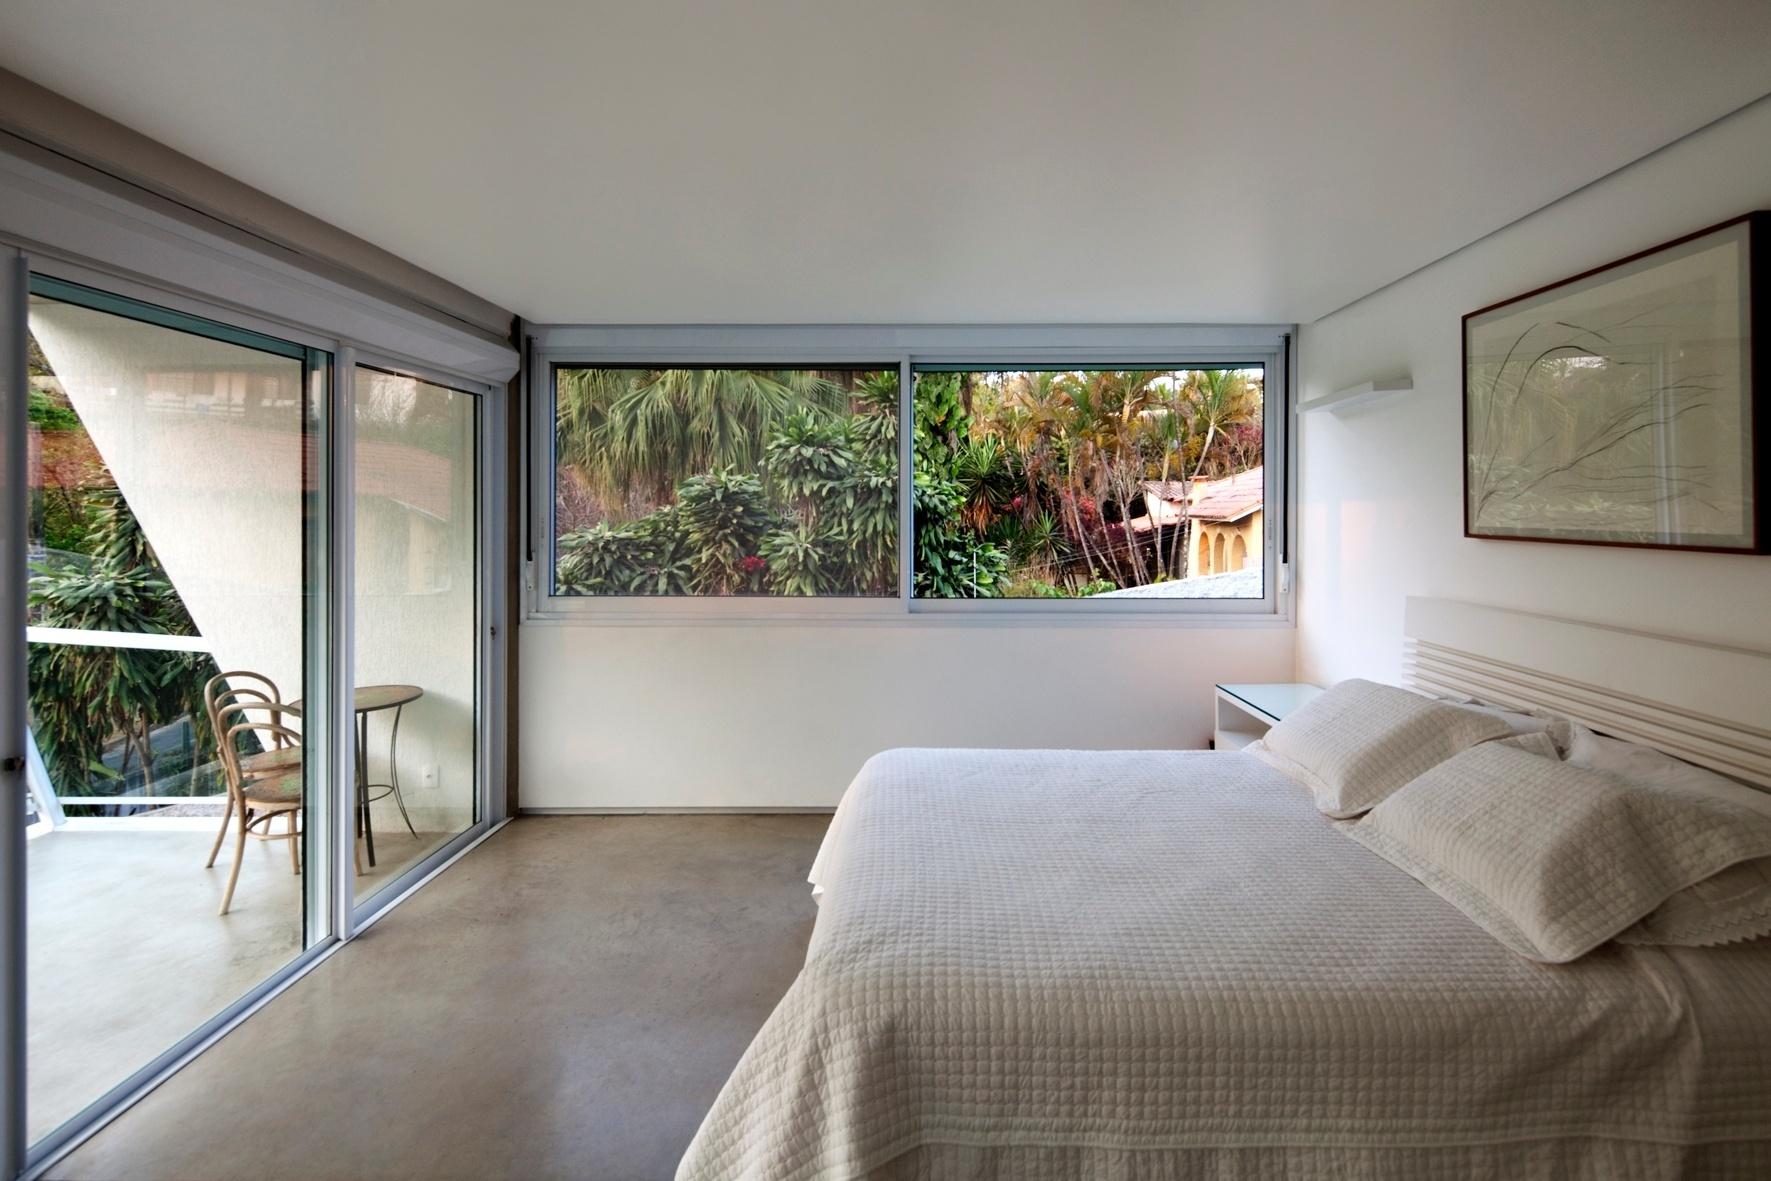 Ampla e agraciada com intensa luminosidade natural, a suíte do casal possui terraço voltado para a Lagoa da Pampulha e janelão com vista para a vegetação dos arredores. O piso em cimento contrasta com o ambiente monocromático e